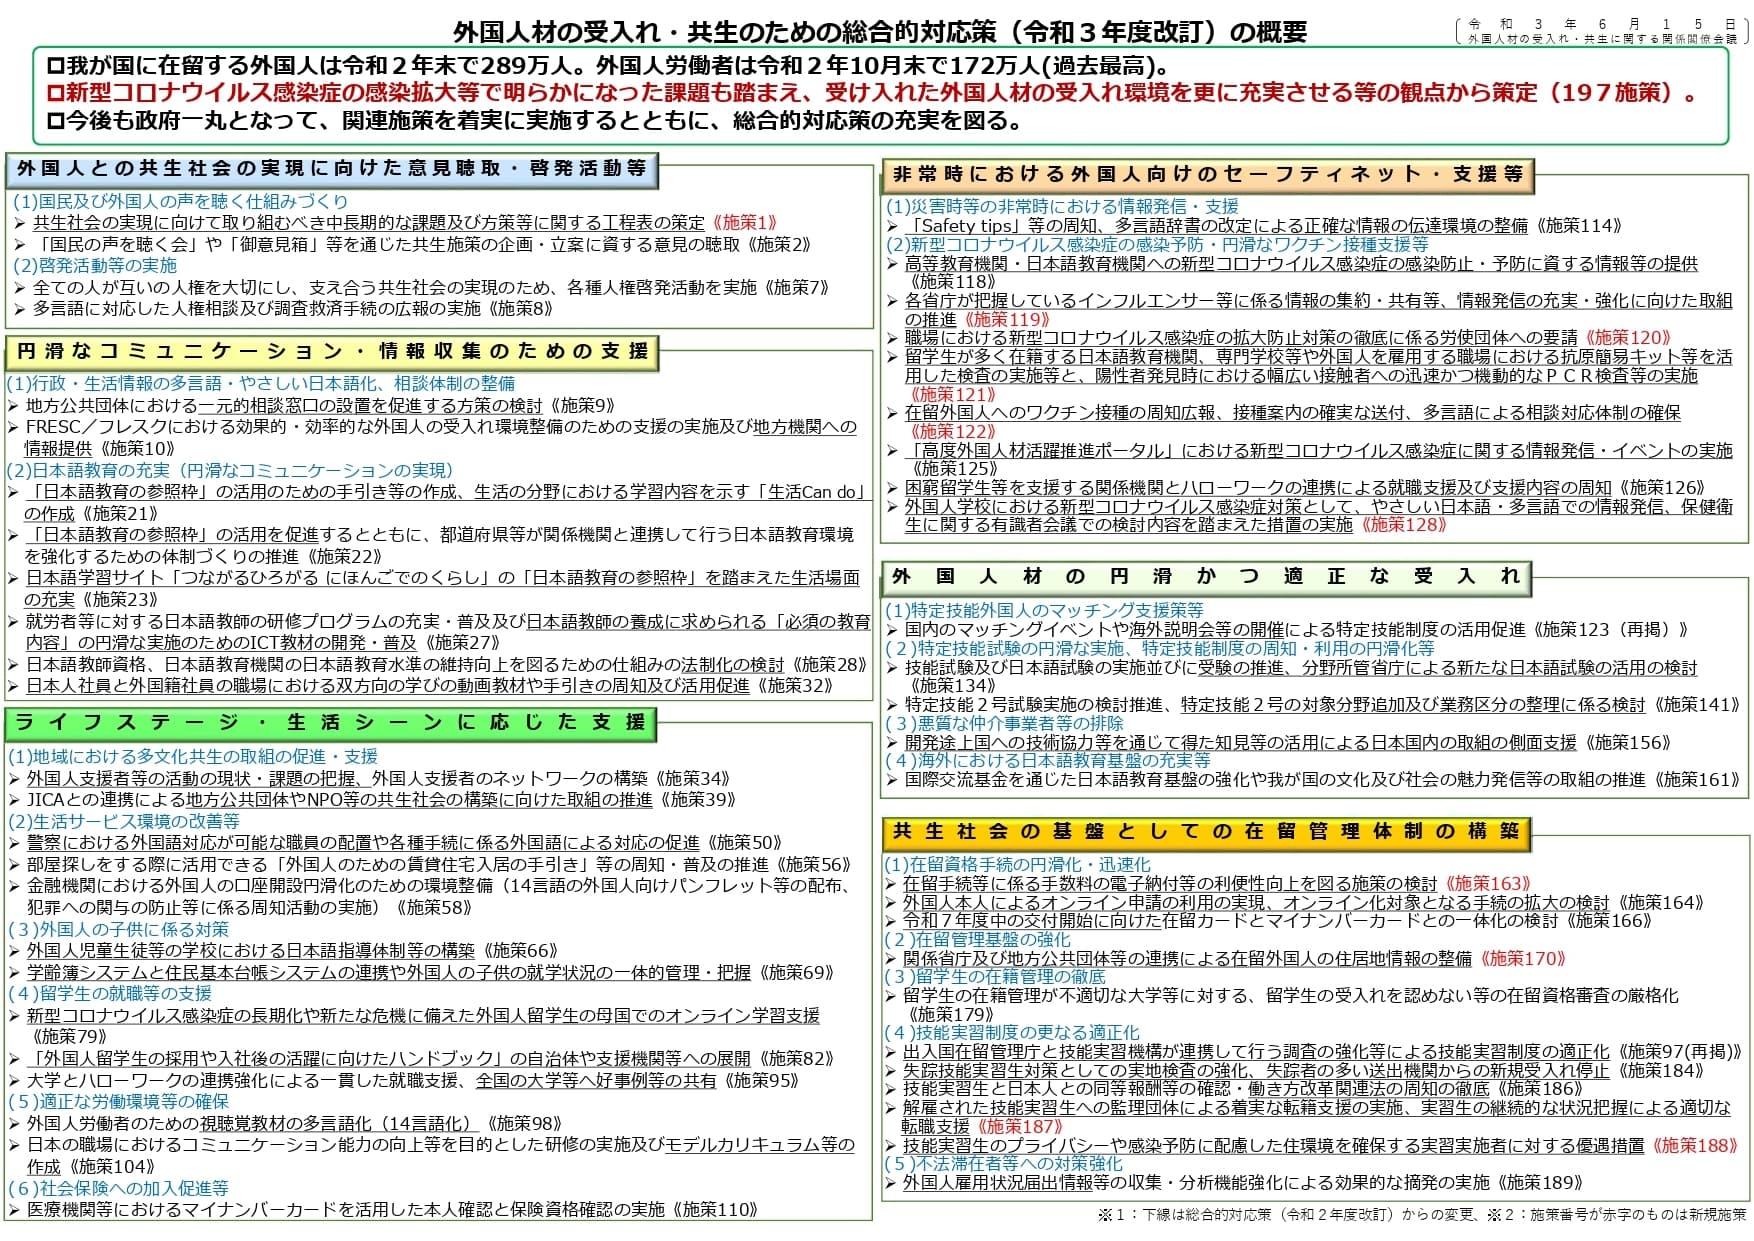 外国人材の受入・共生のための総合的対応策(令和3年度改定)の概要